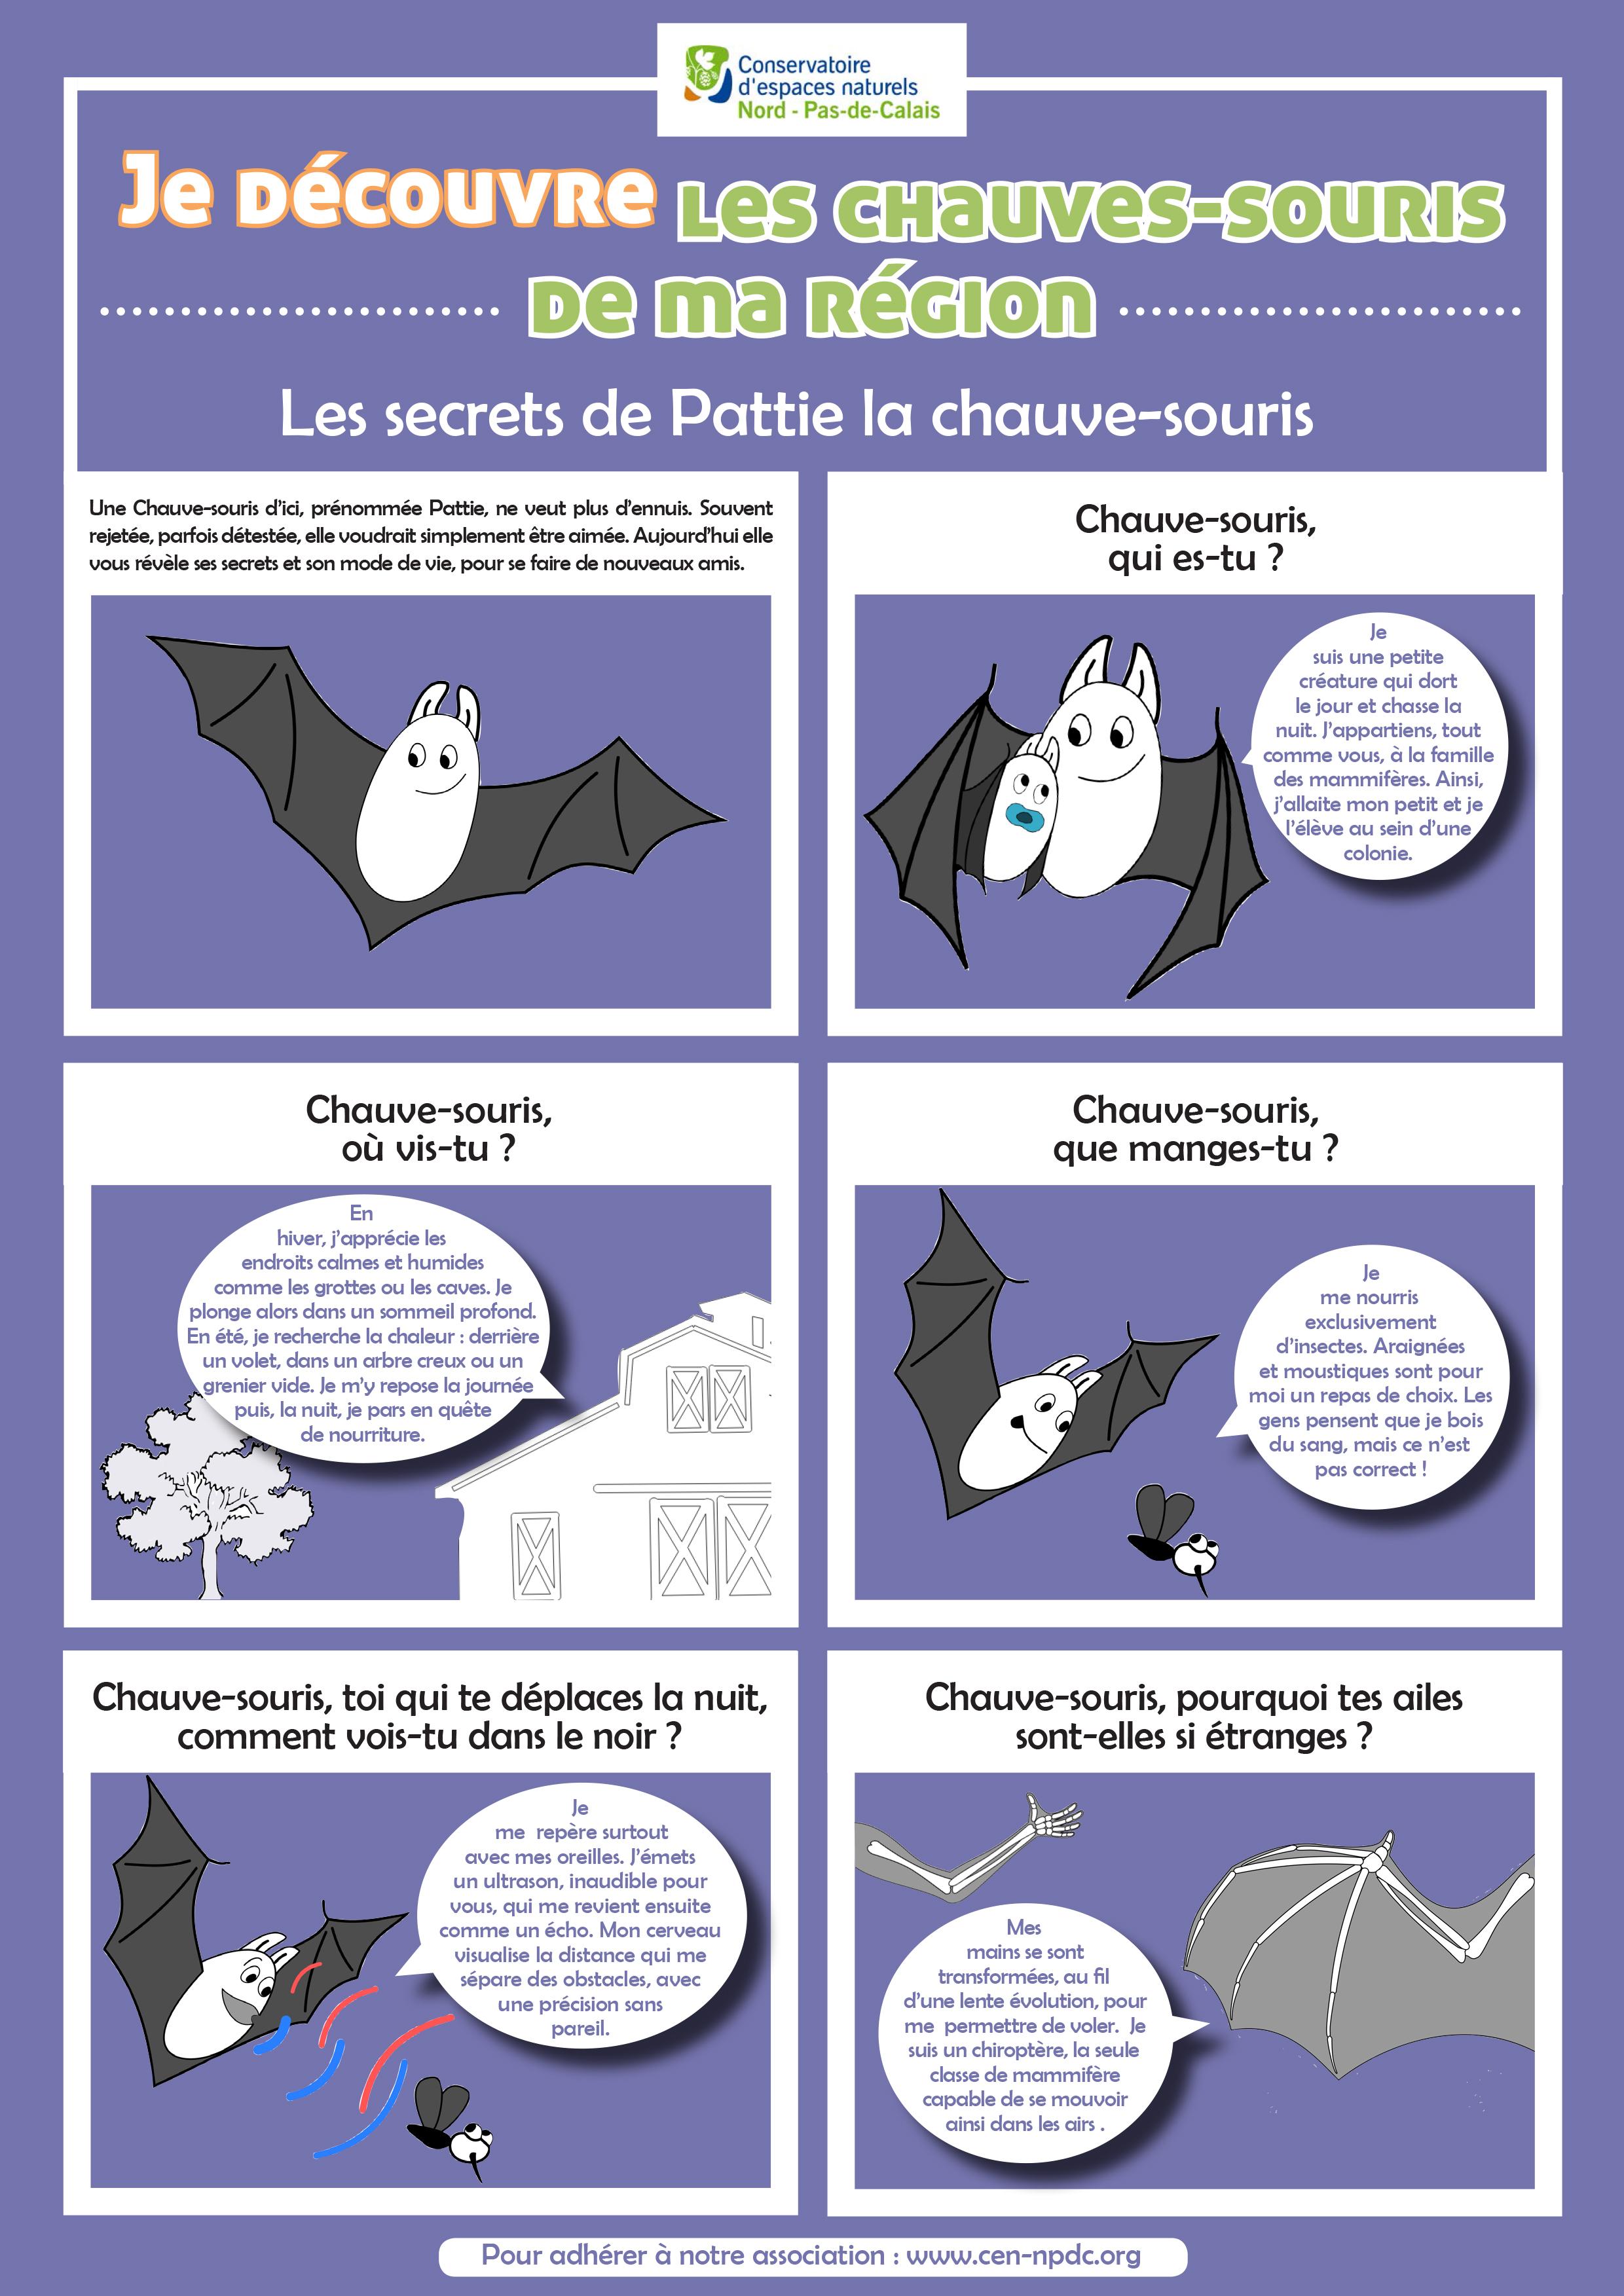 Avec ce premier numéro dédié aux chauves-souris, le CEN met à l'honneur la vulgarisation scientifique